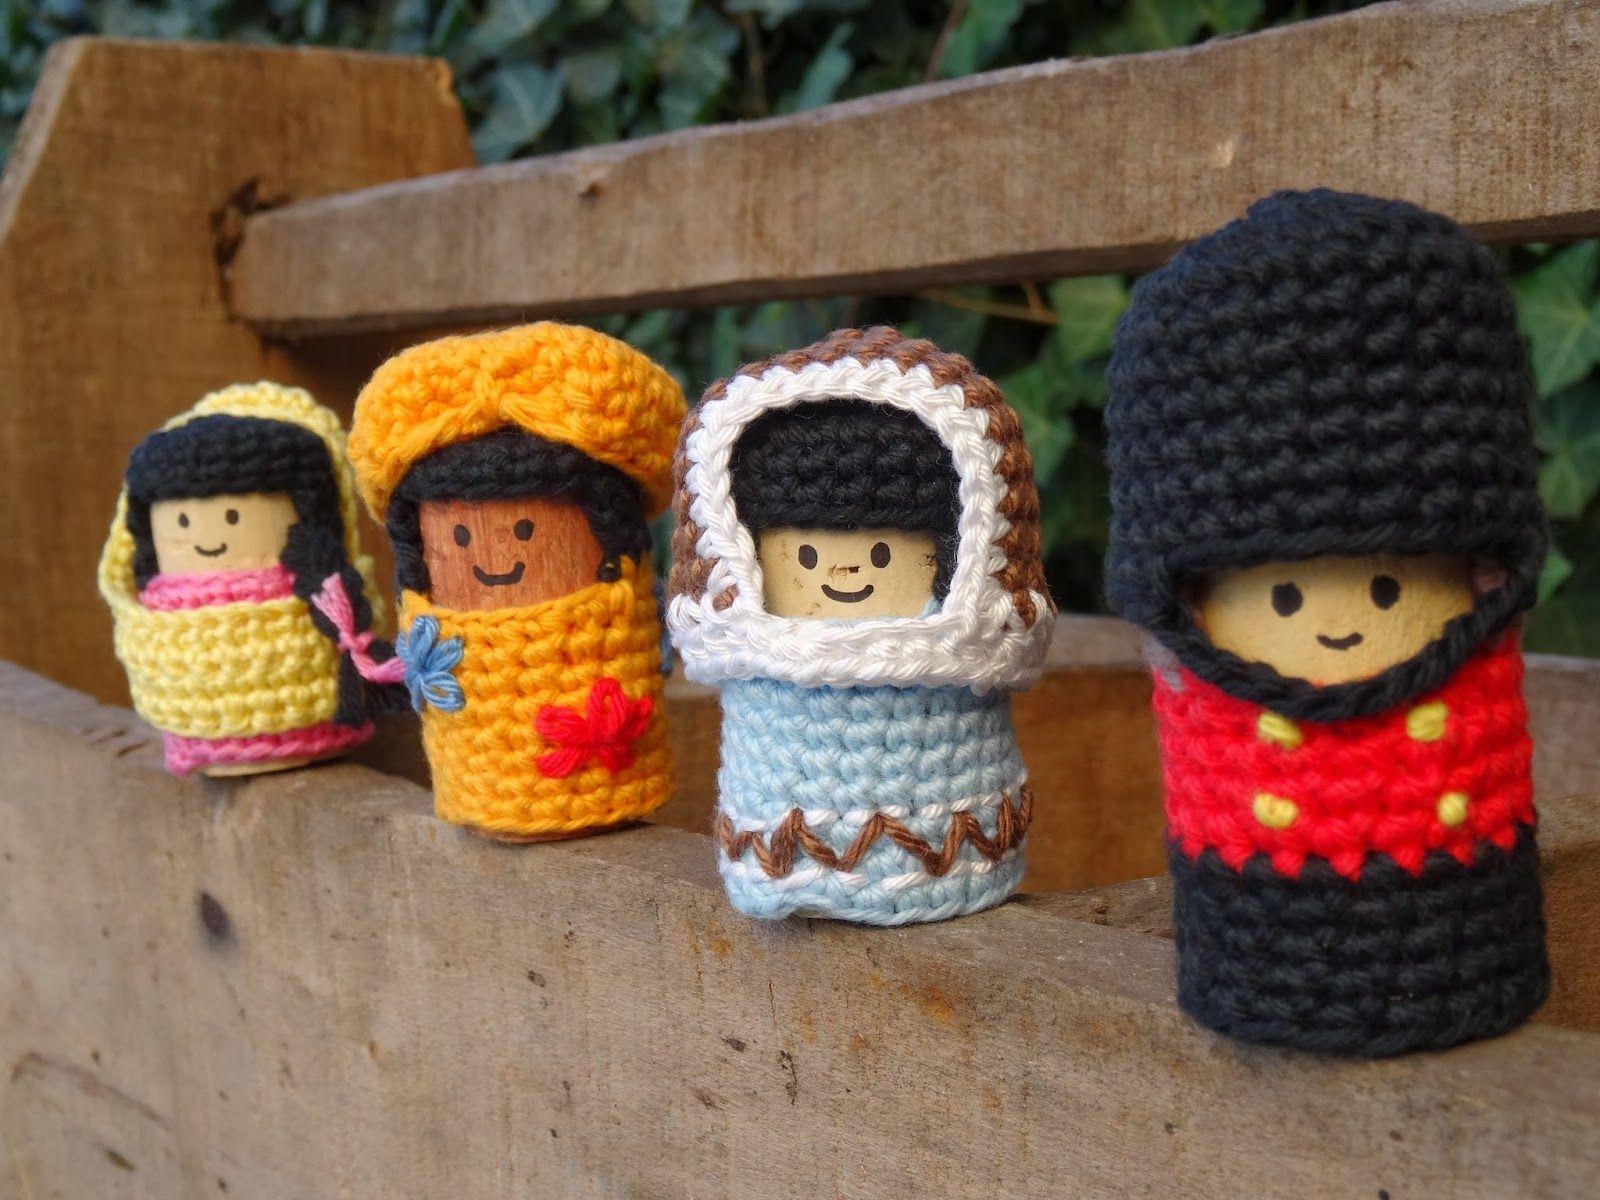 Korken Figuren | Gestricktes: Alles aus Wolle | Pinterest | Korken ...